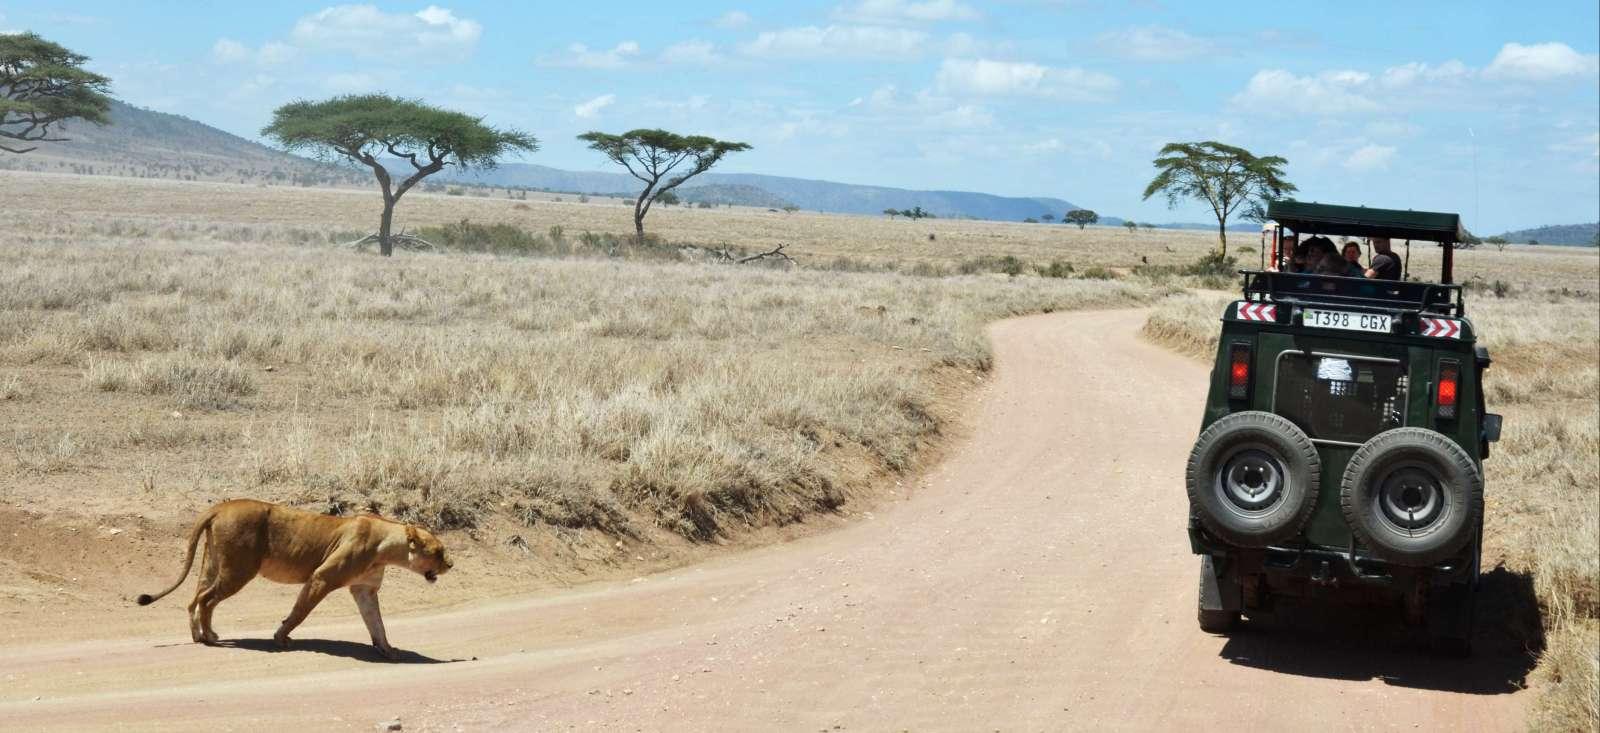 Voyage avec des animaux : Les grands safaris de Tanzanie